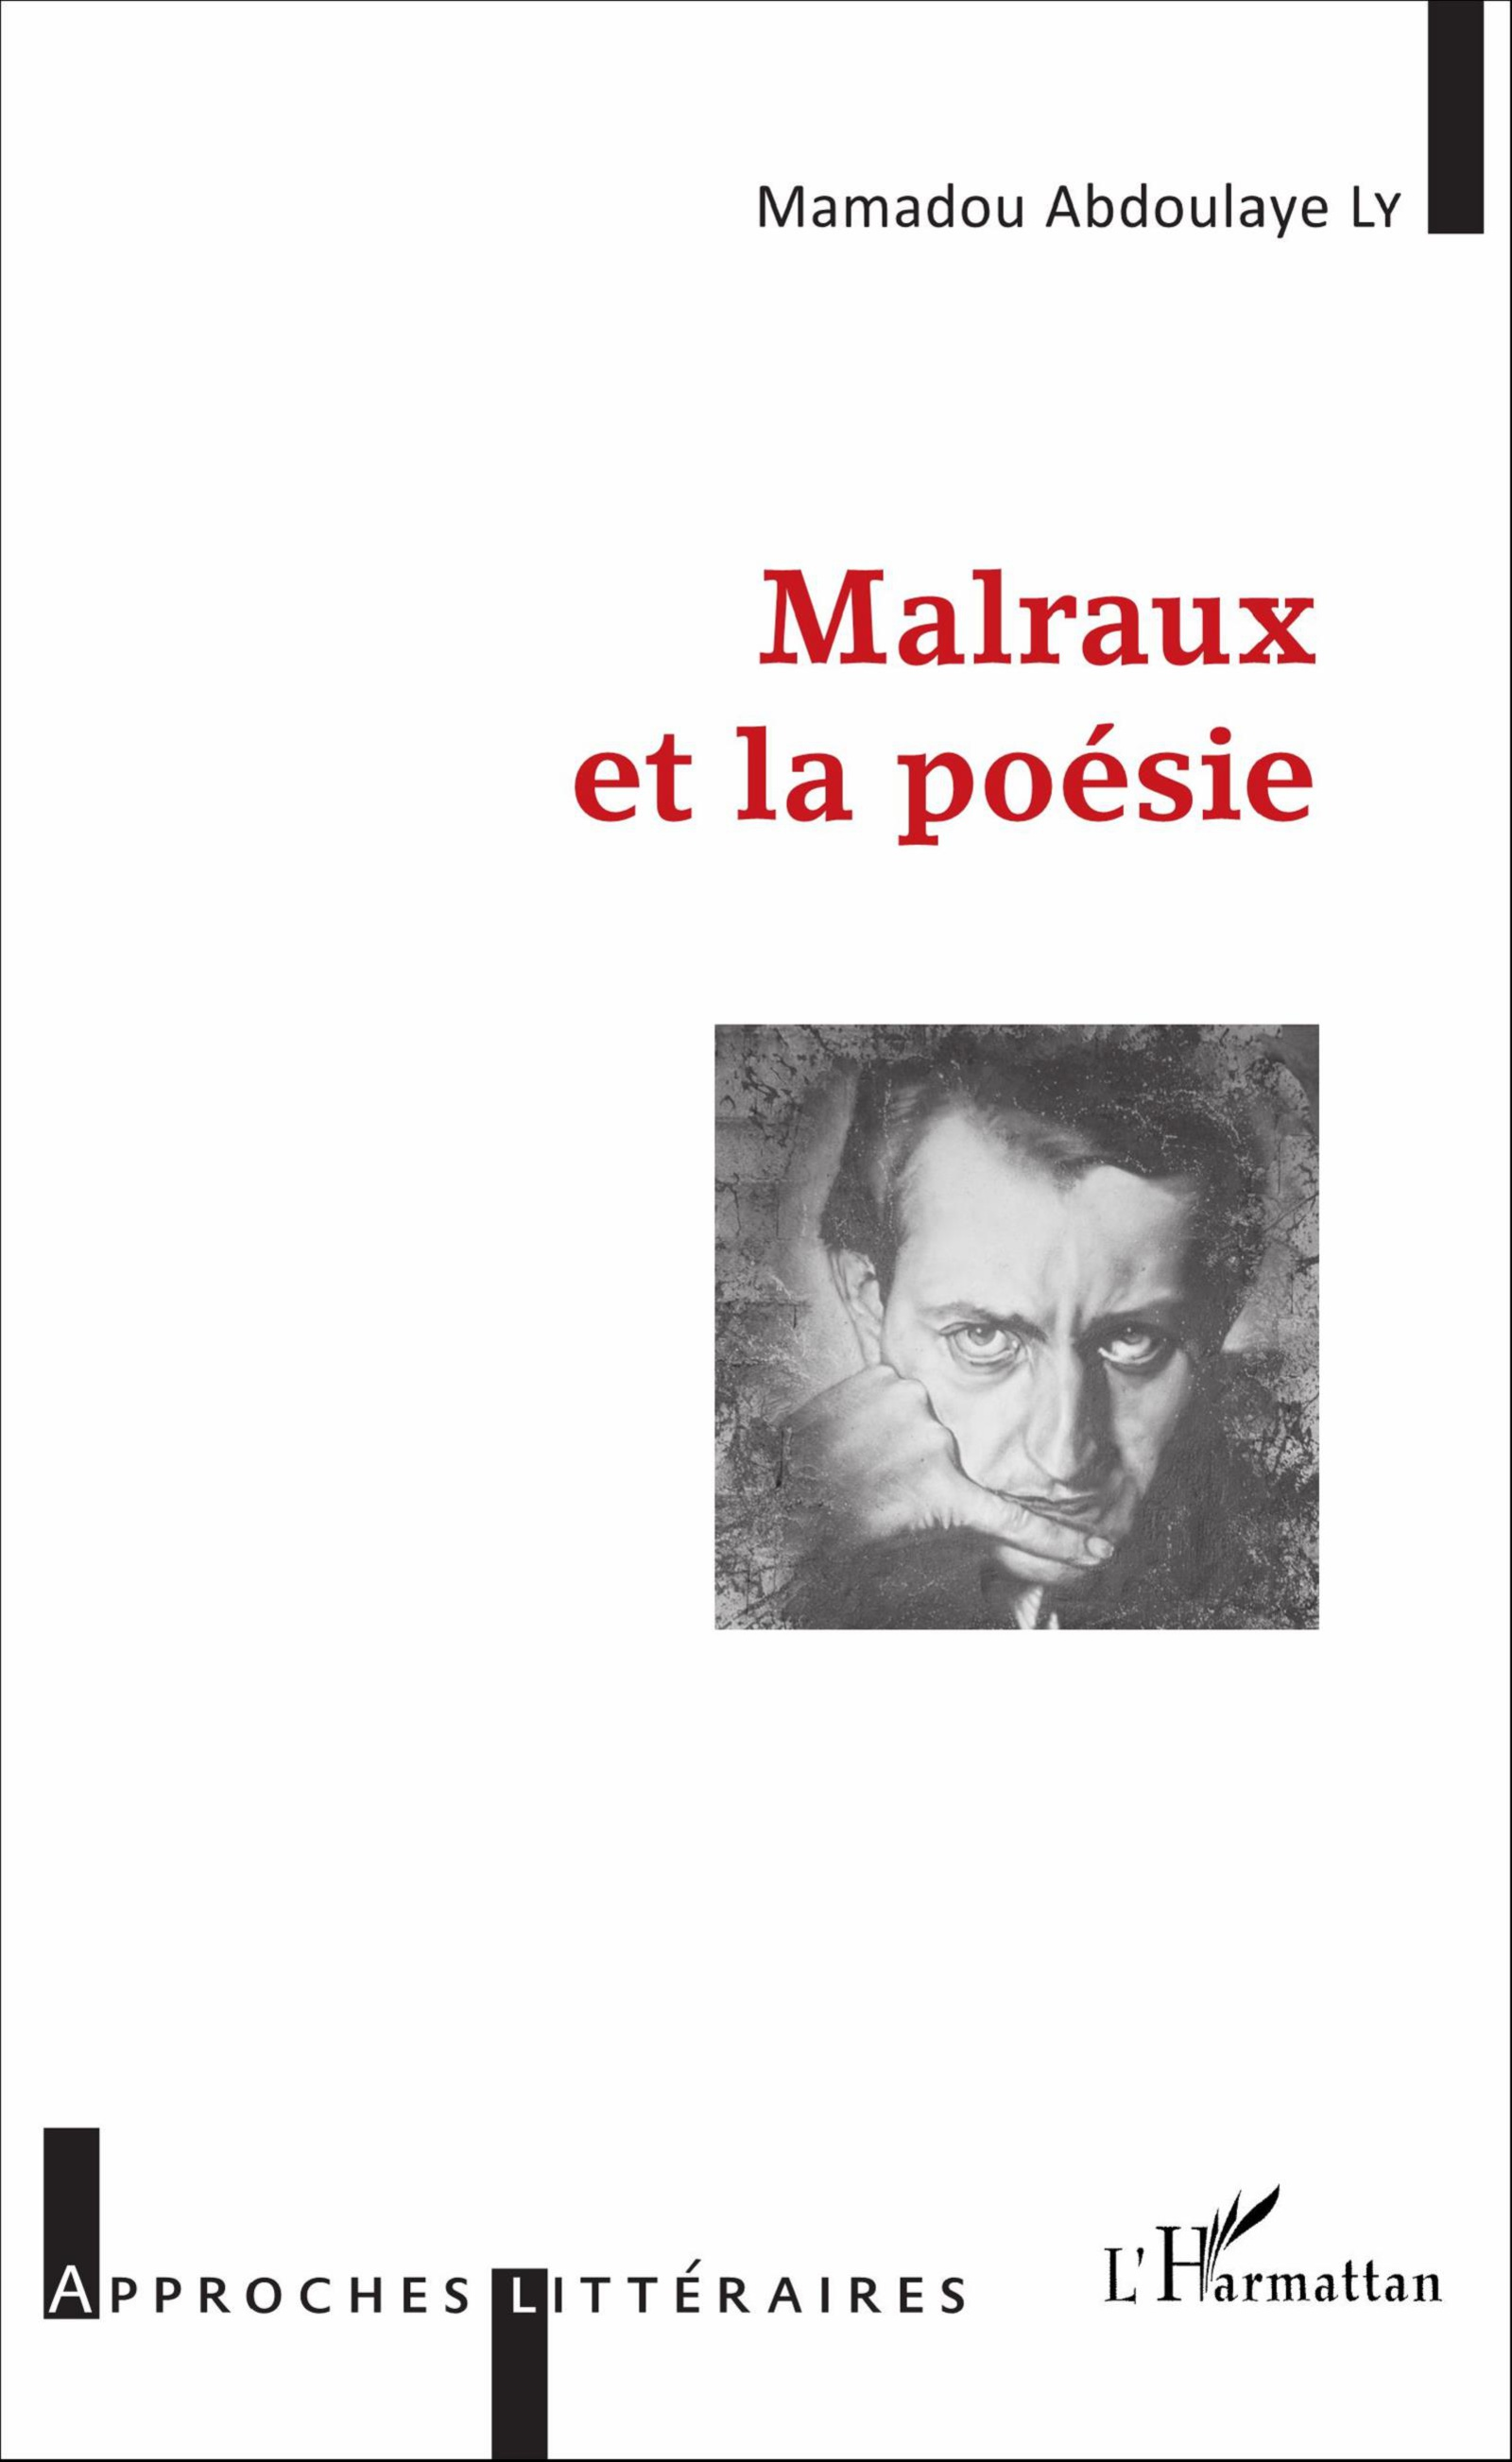 M. Abdoulaye Ly, Malraux et la poésie